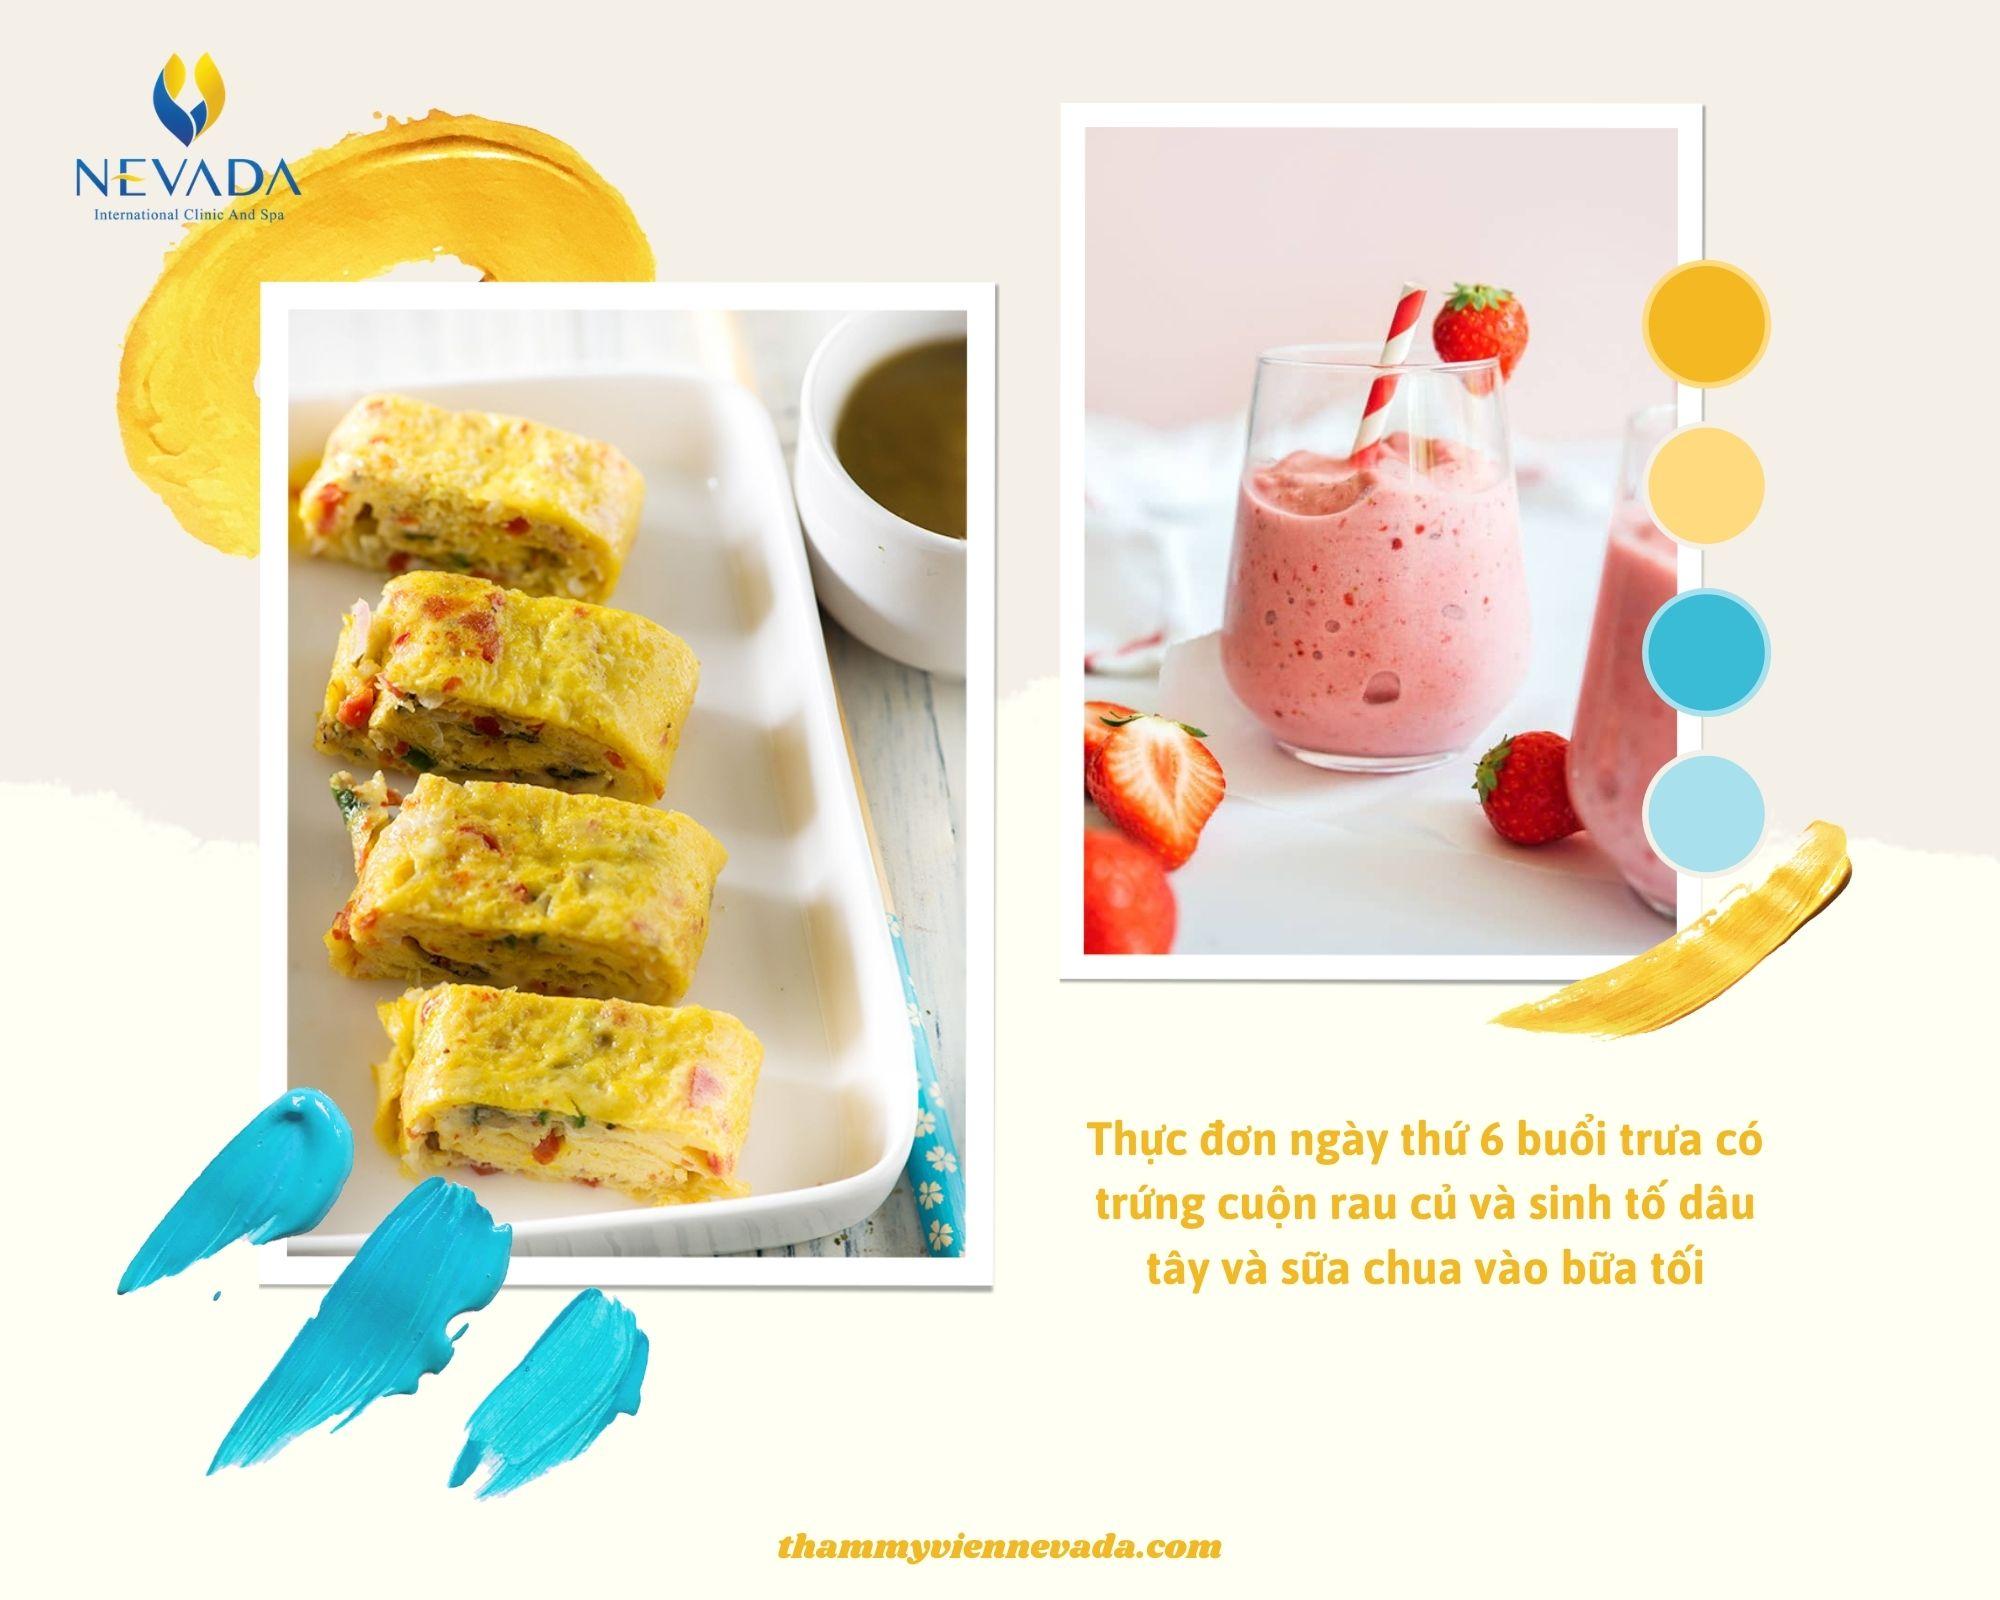 giảm cân bằng trứng và sữa chua, giảm cân với trứng và sữa, giảm cân với trứng và sữa chua, thực đơn giảm cân với trứng và sữa, thực đơn giảm cân với trứng và sữa chua